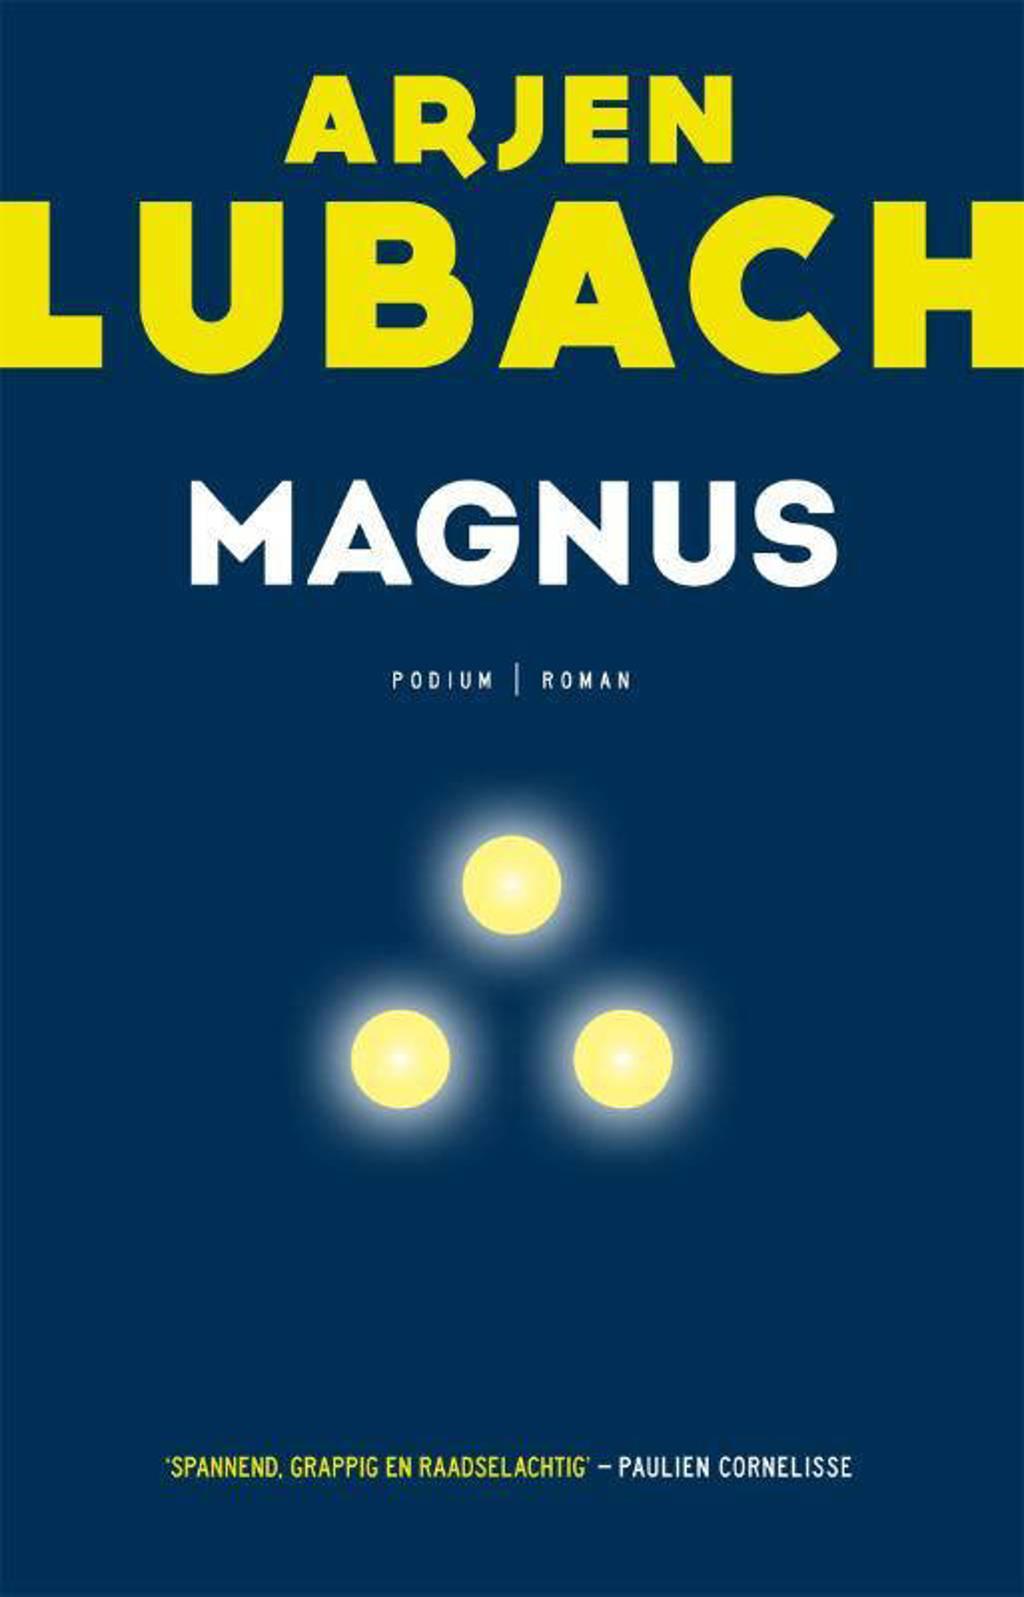 Magnus - Arjen Lubach